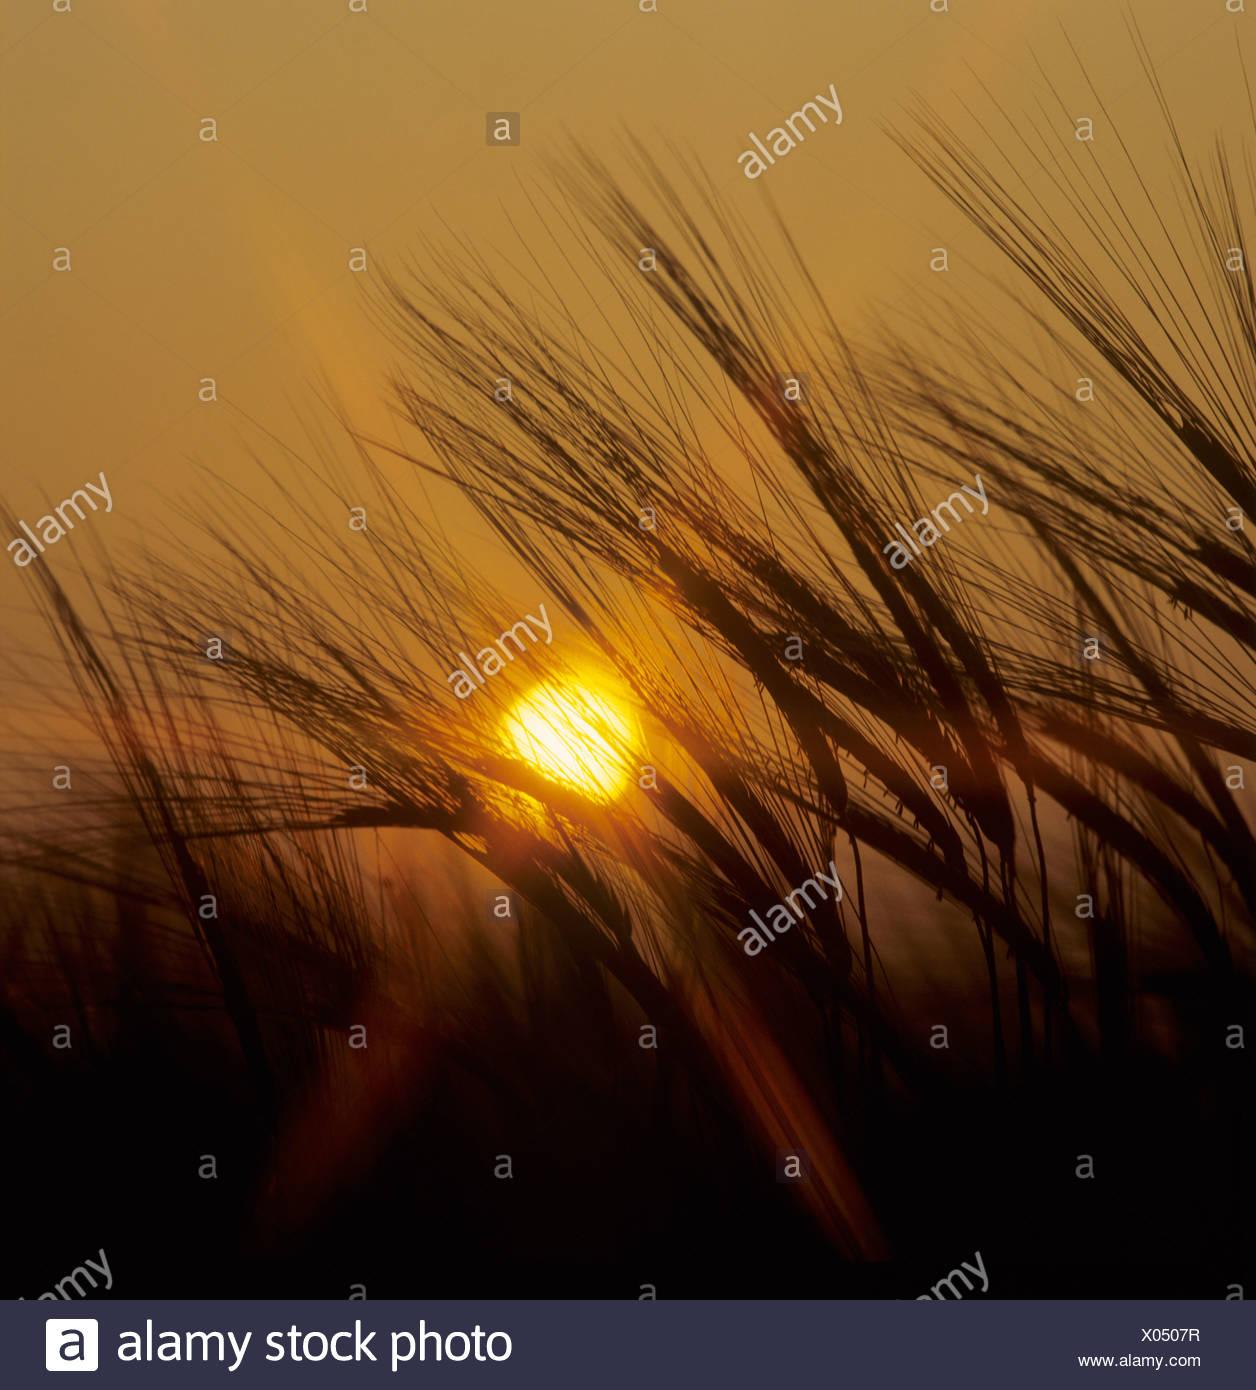 Floración espigas de cebada silouetted inmaduras contra una puesta de sol Imagen De Stock